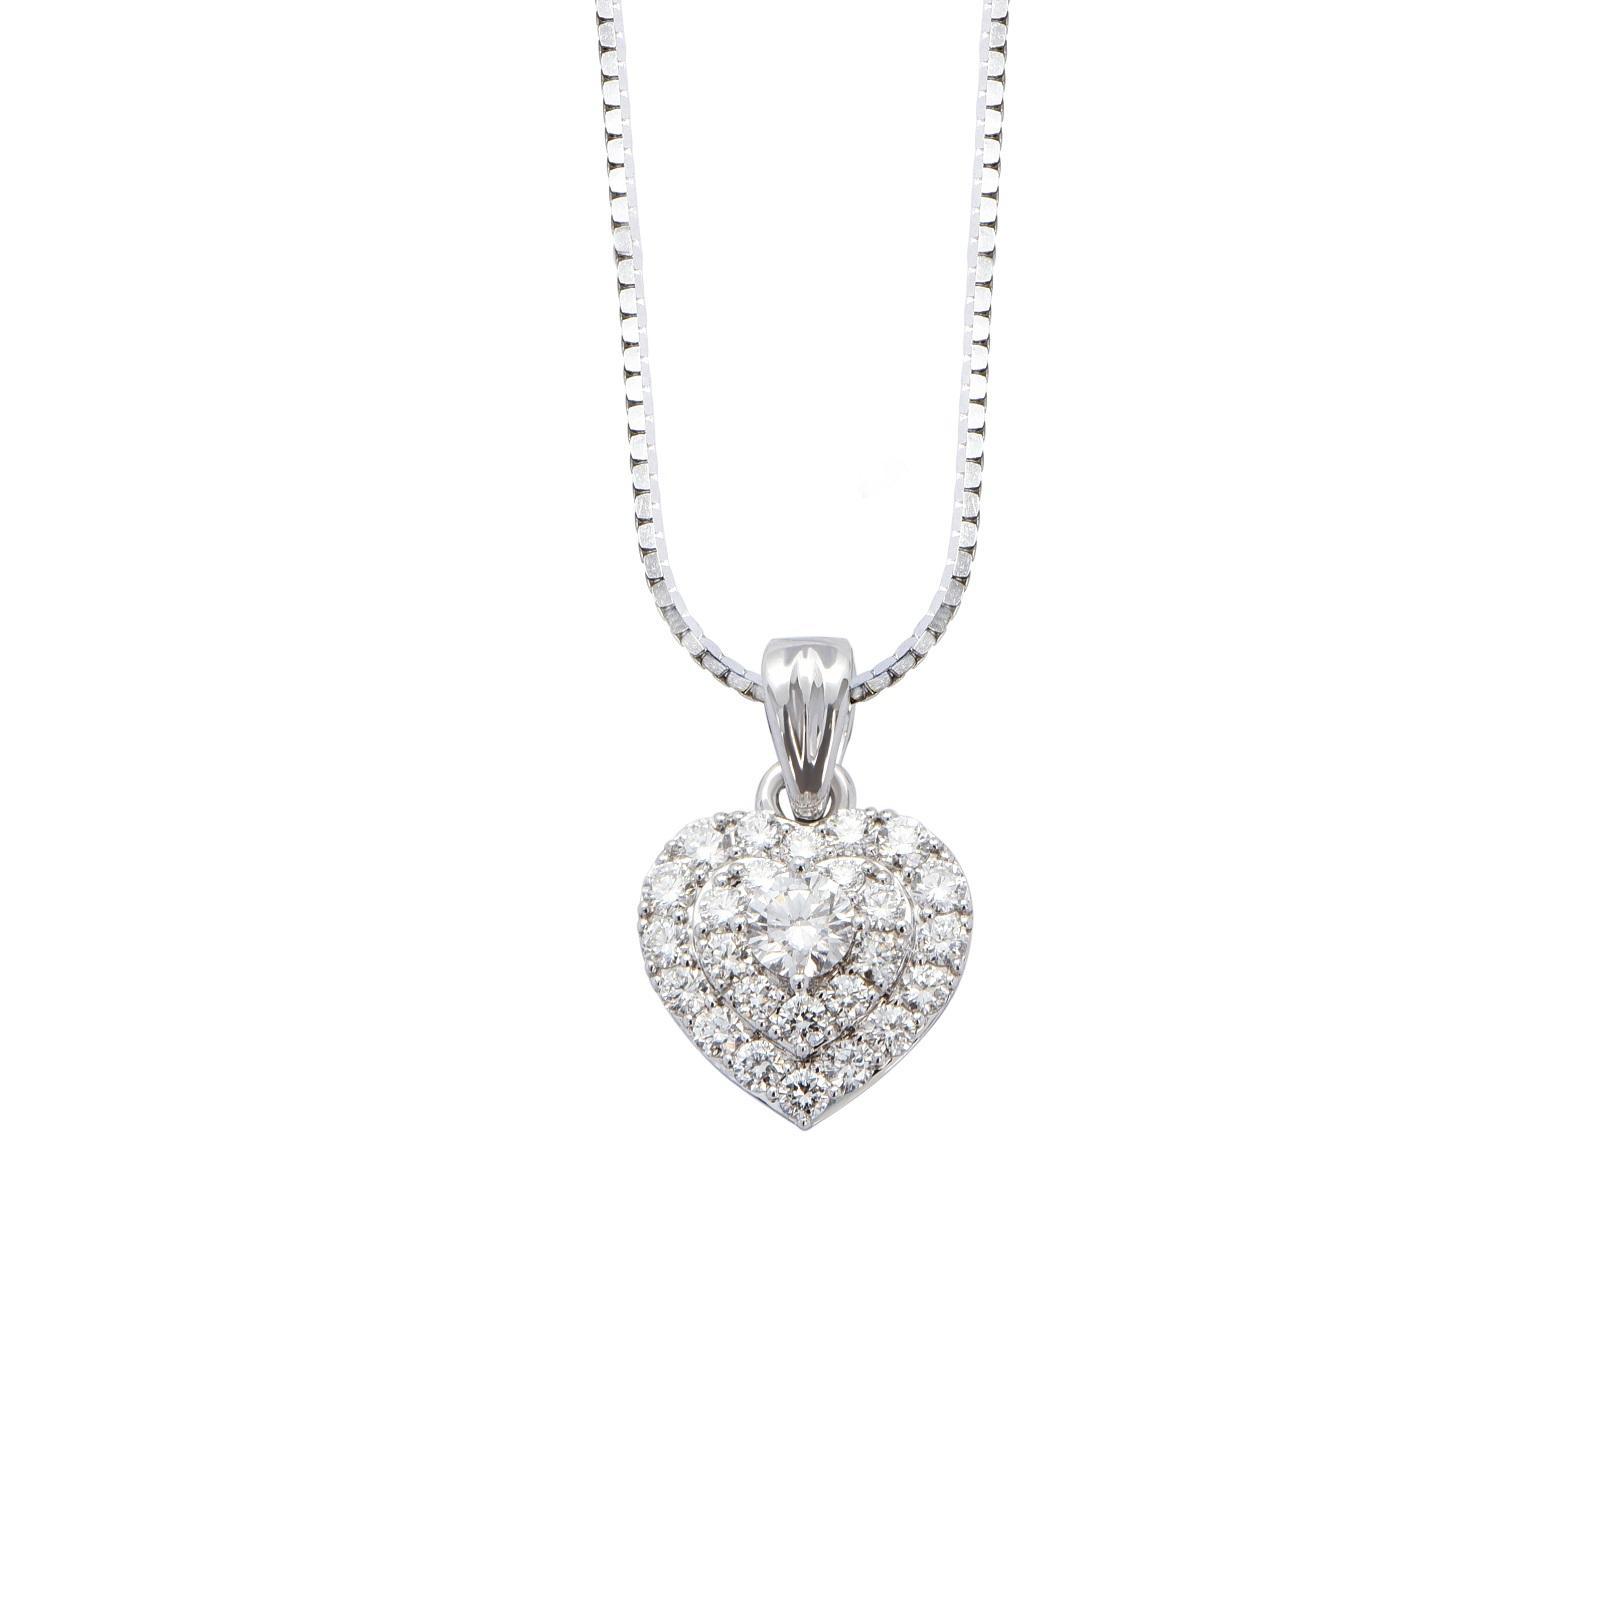 Mặt dây đá Kim cương 20M150.1TH